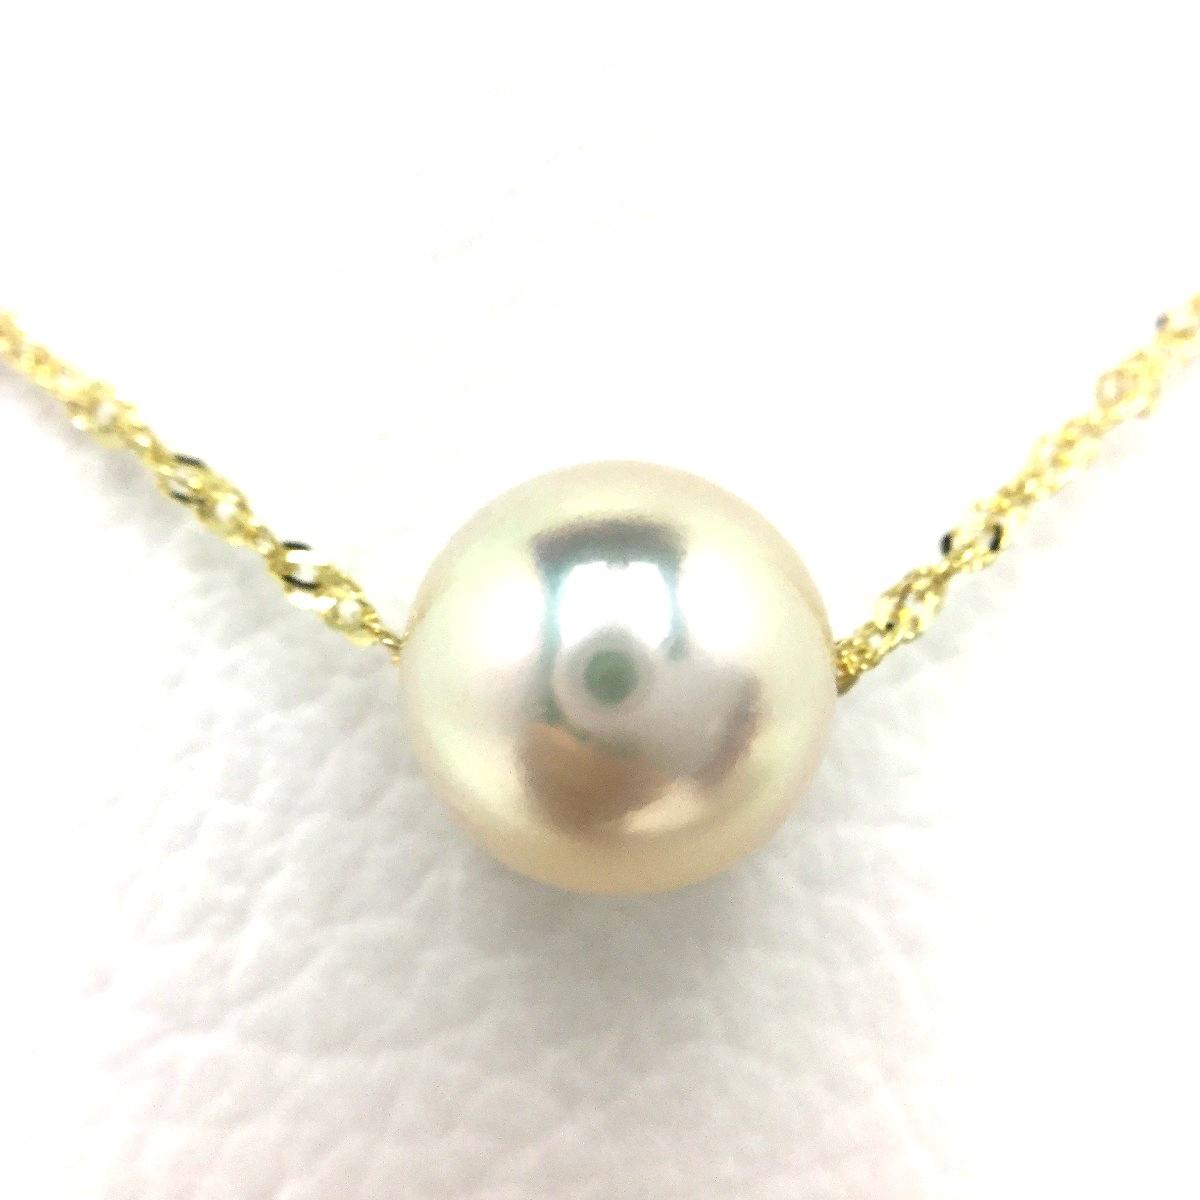 真珠 ペンダント パール アコヤ真珠 9.44mm ホワイトピンク K18 イエローゴールド チェーン 66376 イソワパール